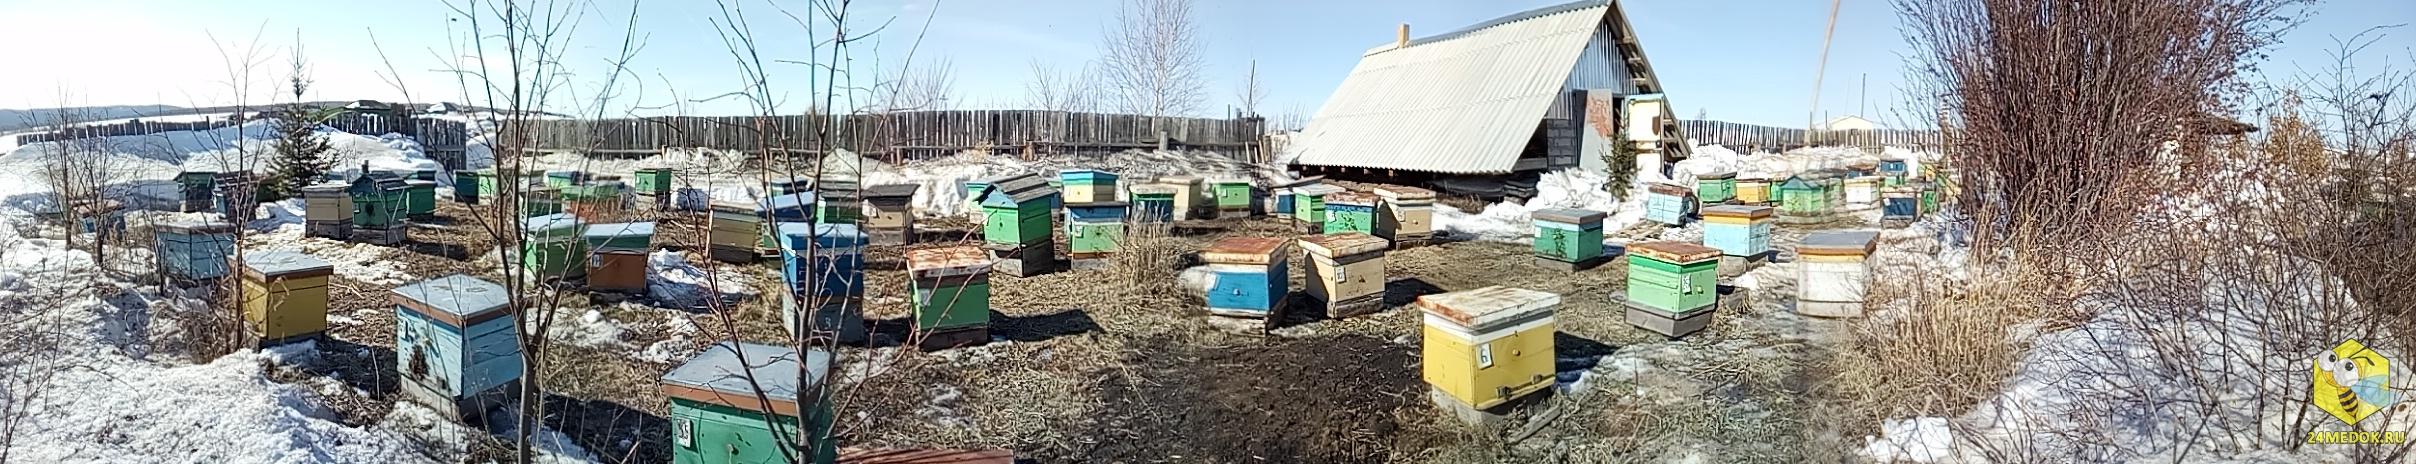 Панорама нашей пасеки в Красной Речке. Пчеловод Старчевский Е.Н.